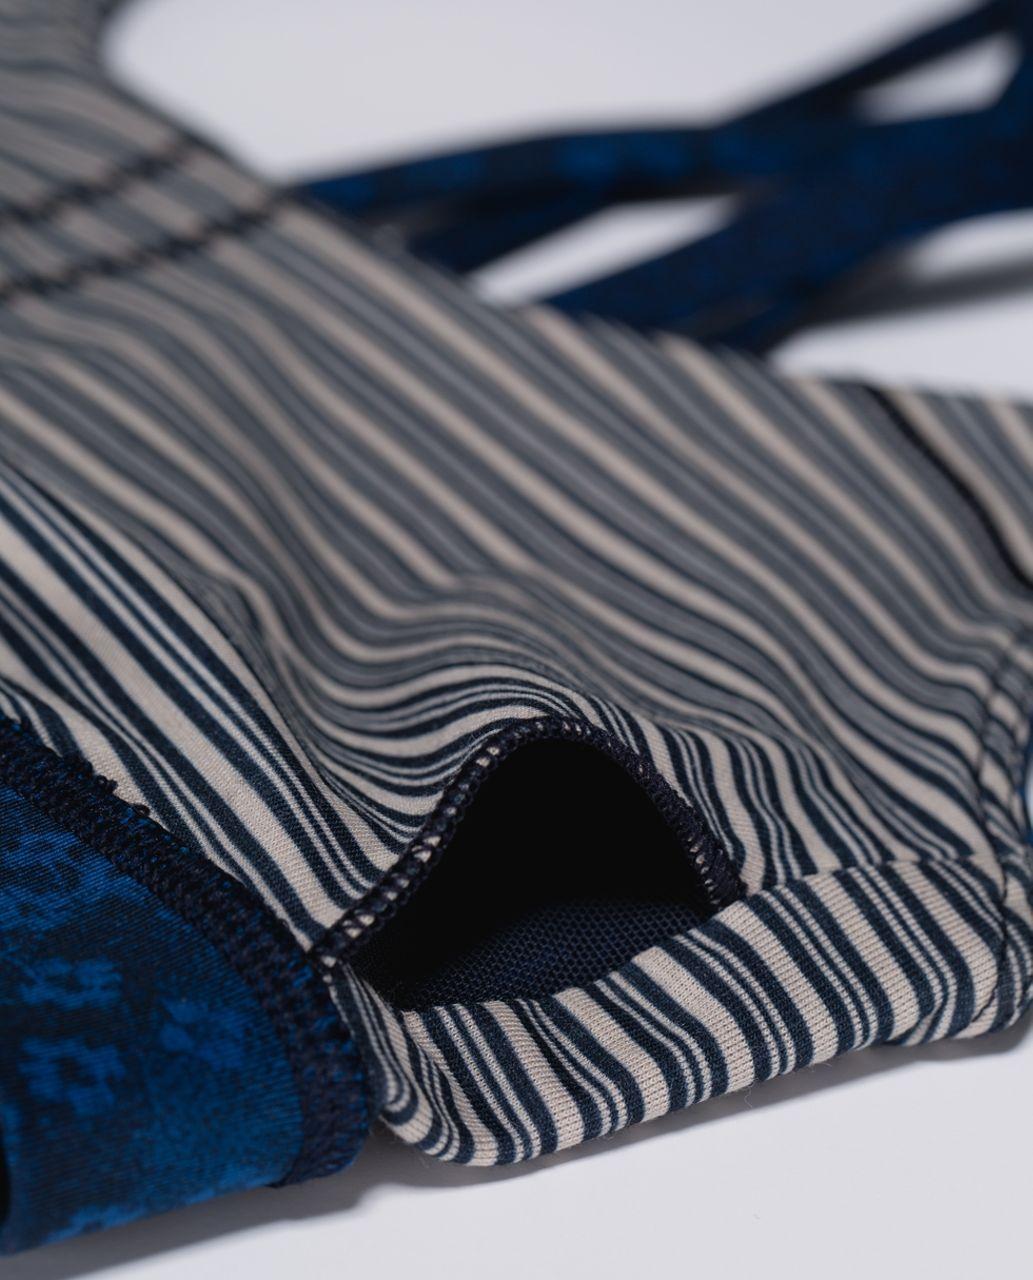 Lululemon Energy Bra - Exploded Sashico Cross Inkwell Rugged Blue / Kanoko Twist Inkwell Rugged Blue / Sashico Cross Inkwell Rugged Blue